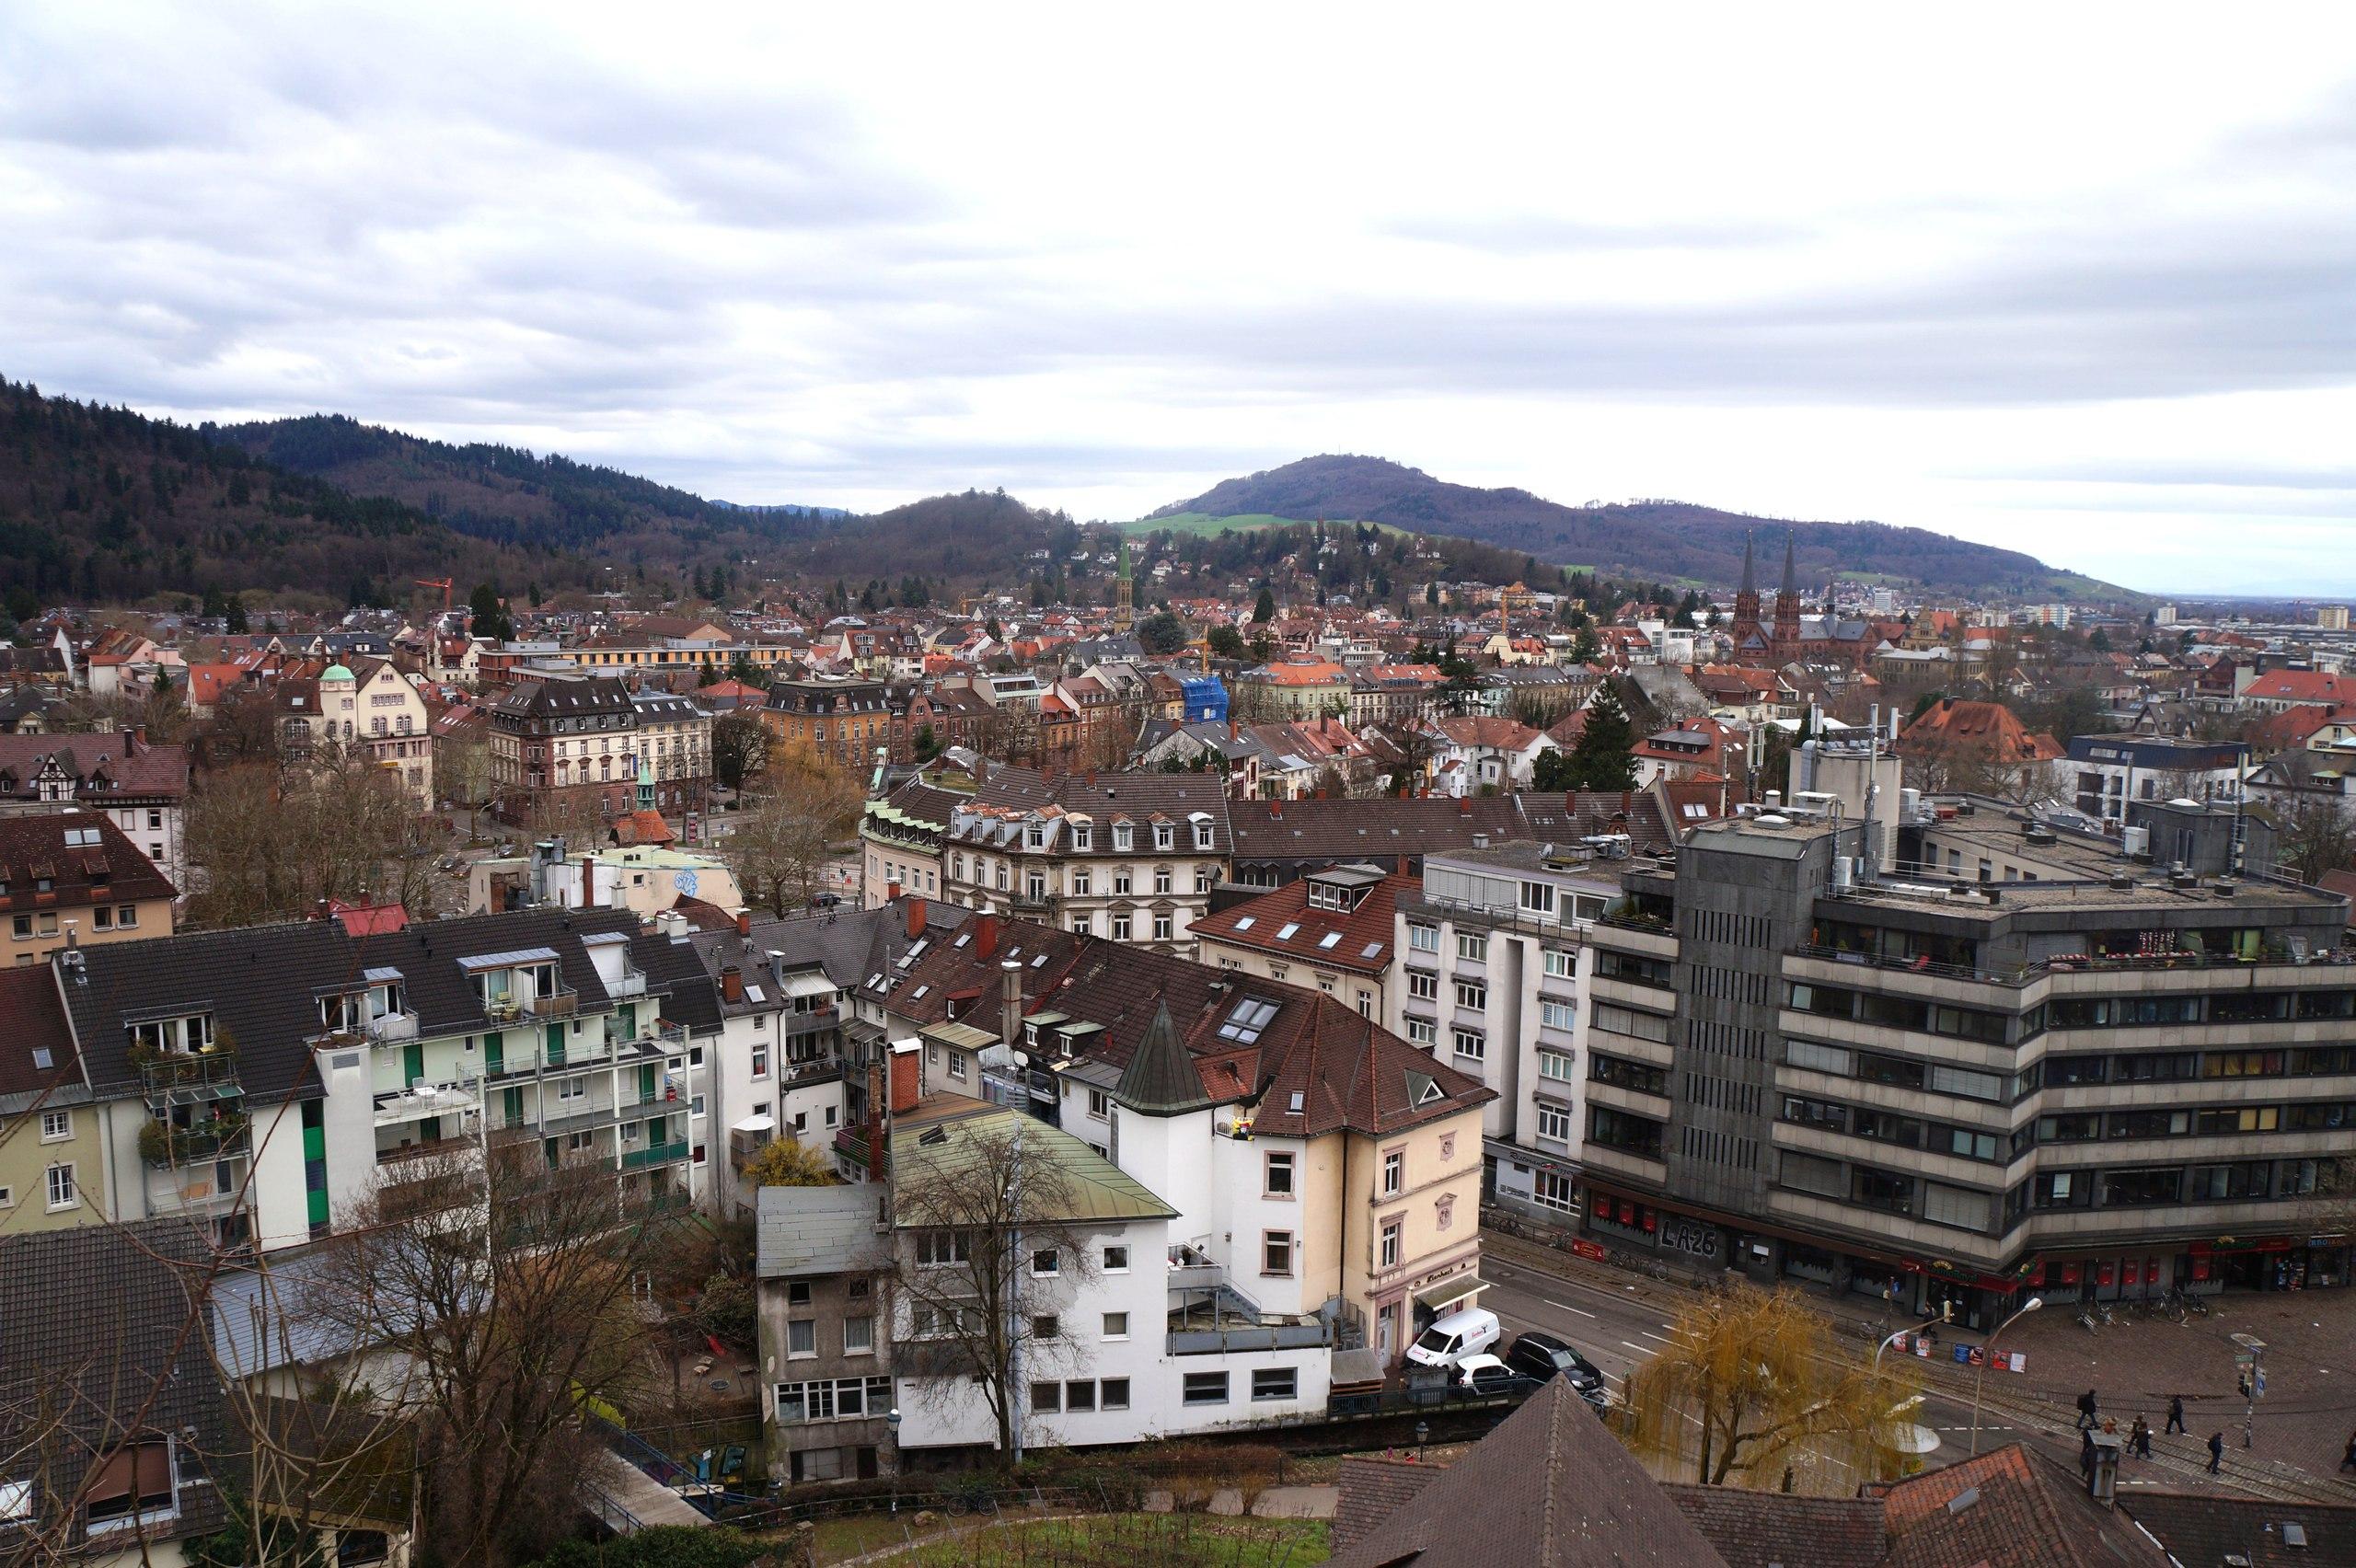 Фрайбург - город на краю Черного леса